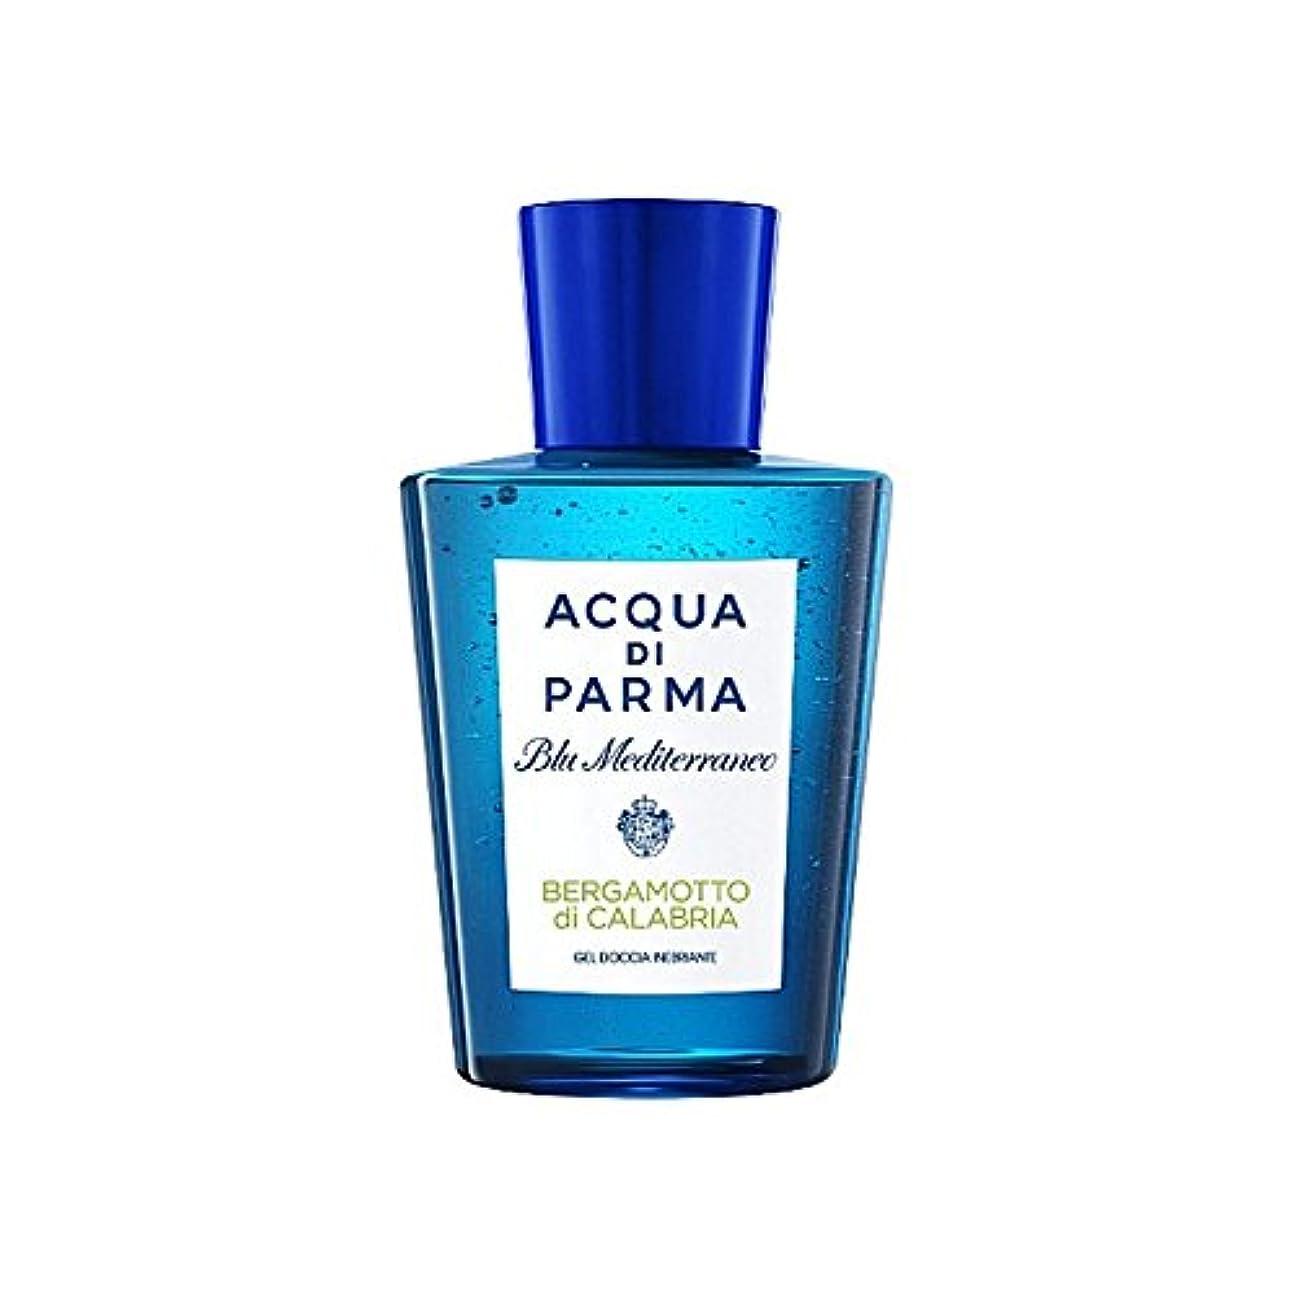 迷信軍団理論Acqua Di Parma Blu Mediterraneo Bergamotto Di Calabria Shower Gel 200ml - アクアディパルマブルーメディのディカラブリアシャワージェル200 [並行輸入品]